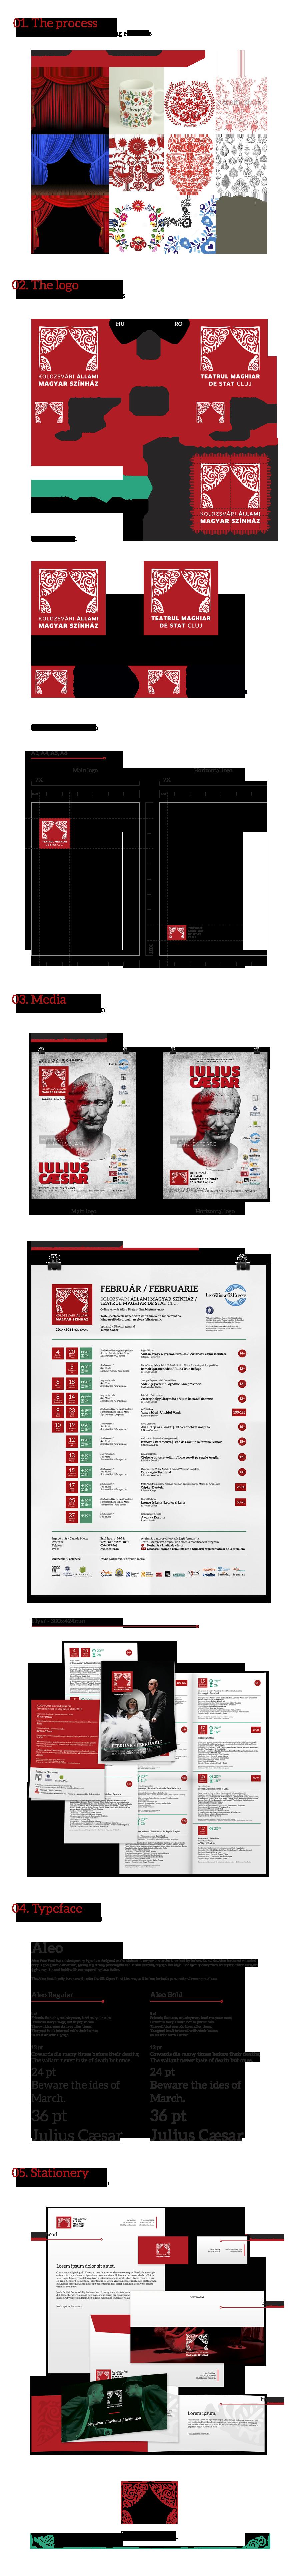 kolozsvári állami magyar színház hungarian state theater rebranding rolli chereches Logo Design Flyer Design